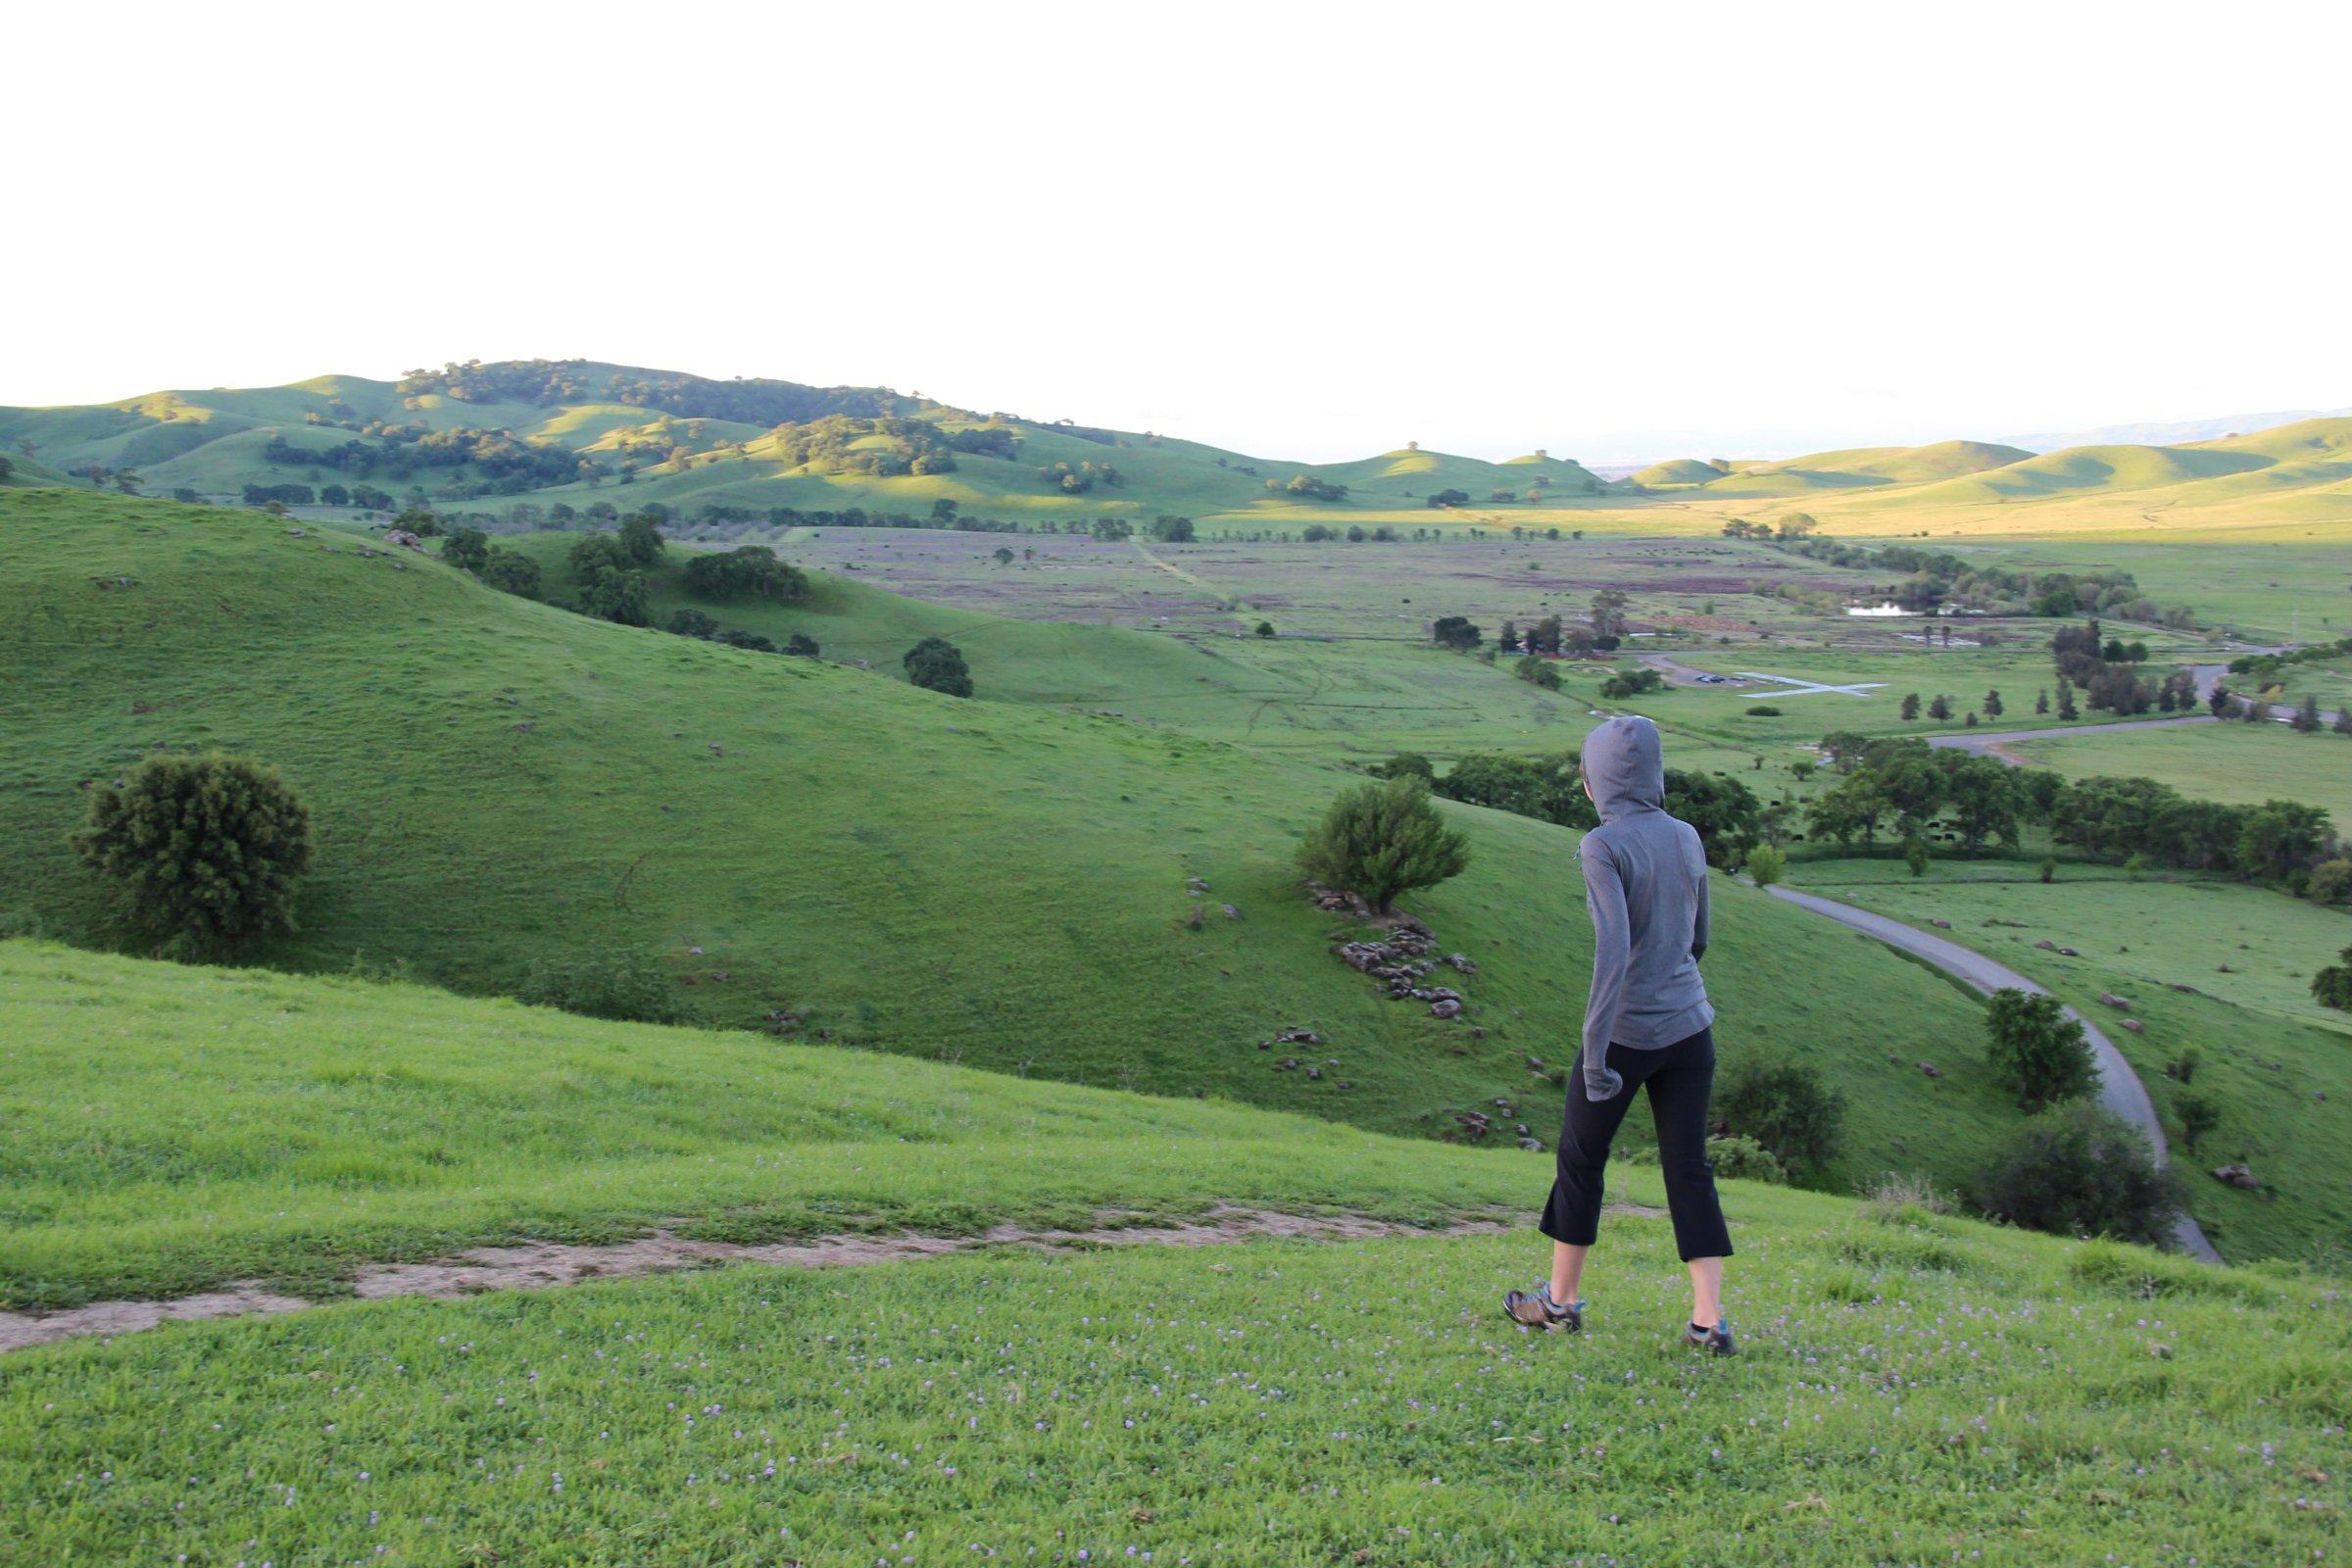 Woman in Grey Hoodie Walking on Hills